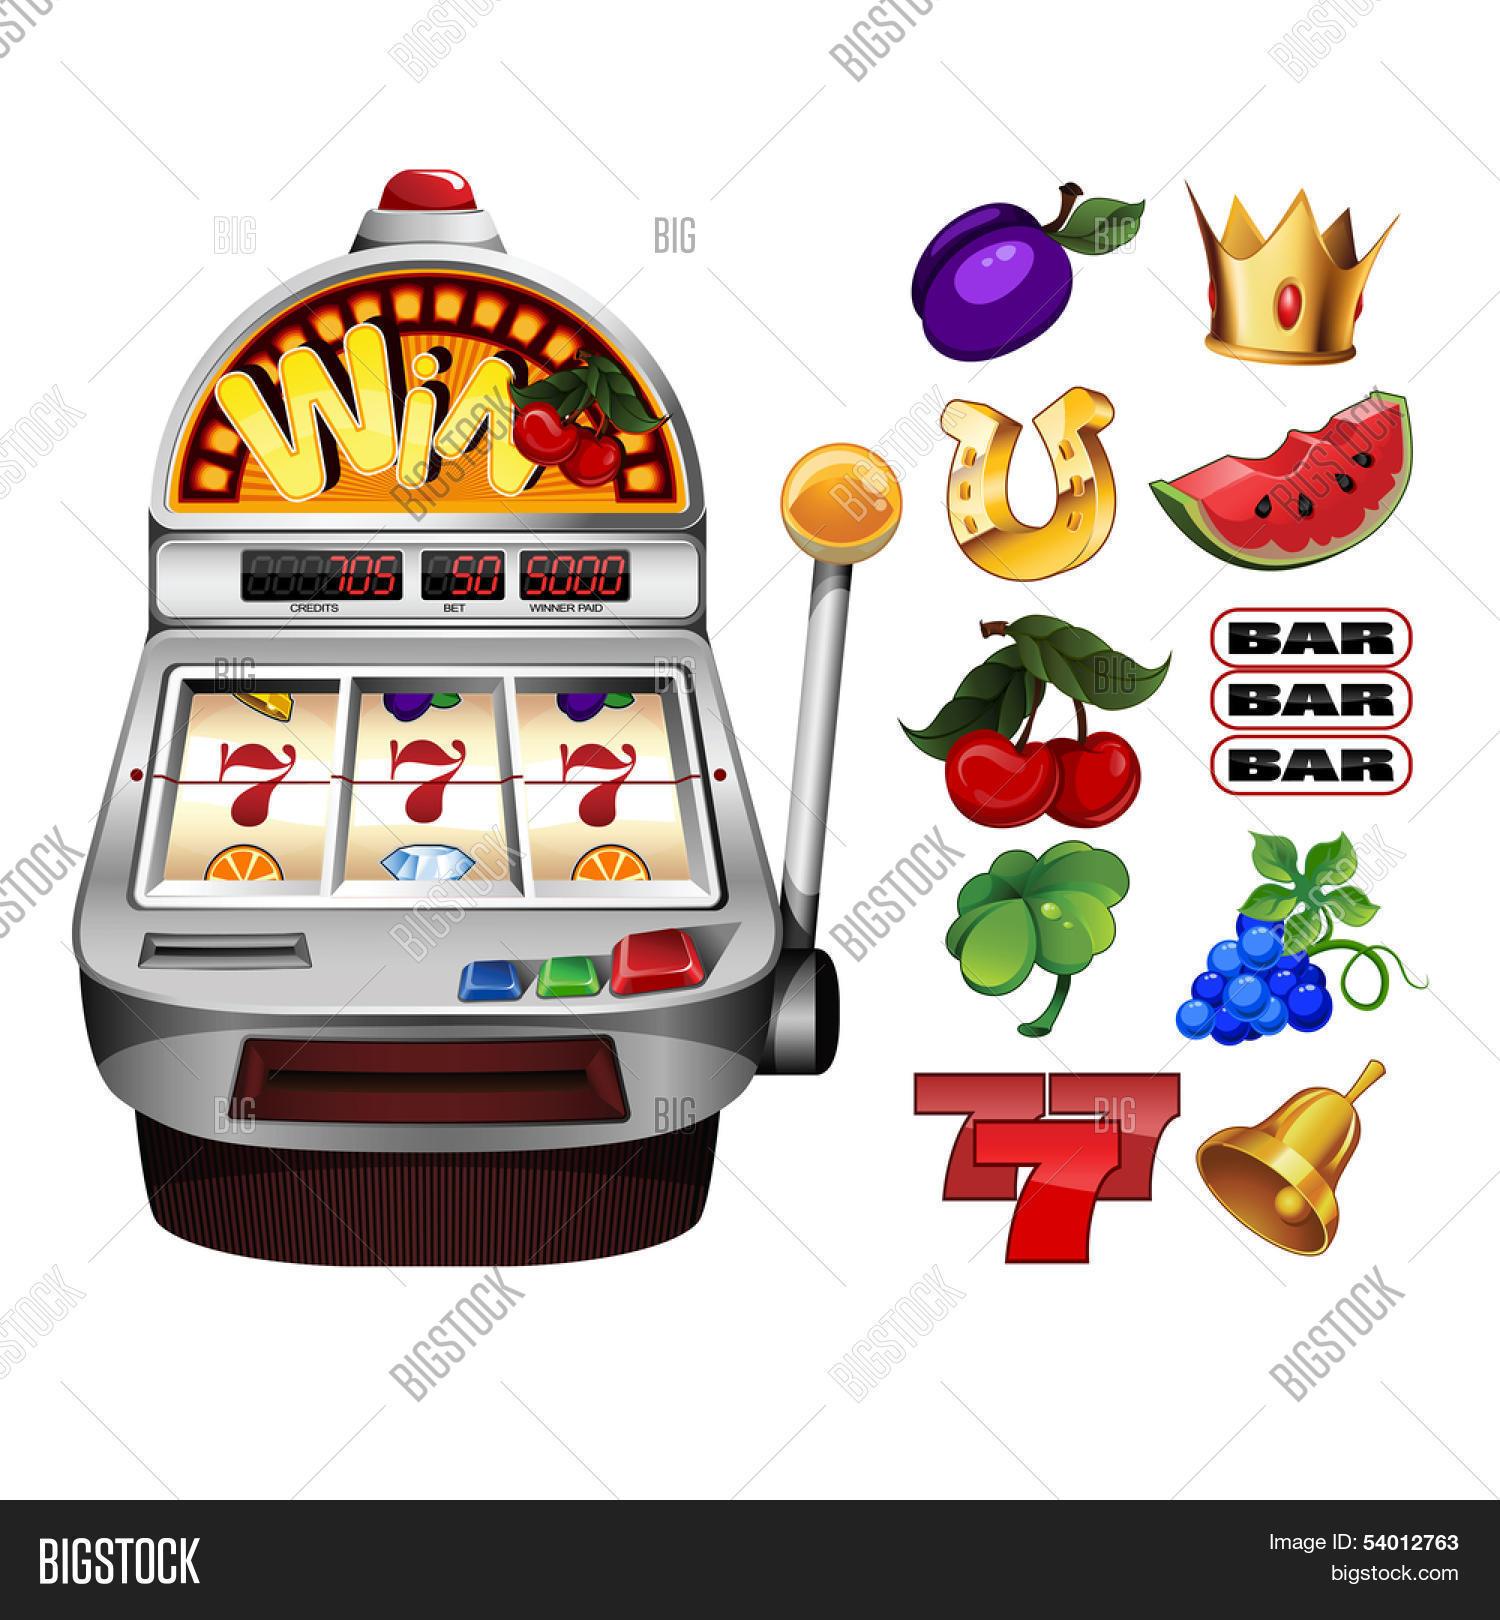 Игровой автомат вишенка